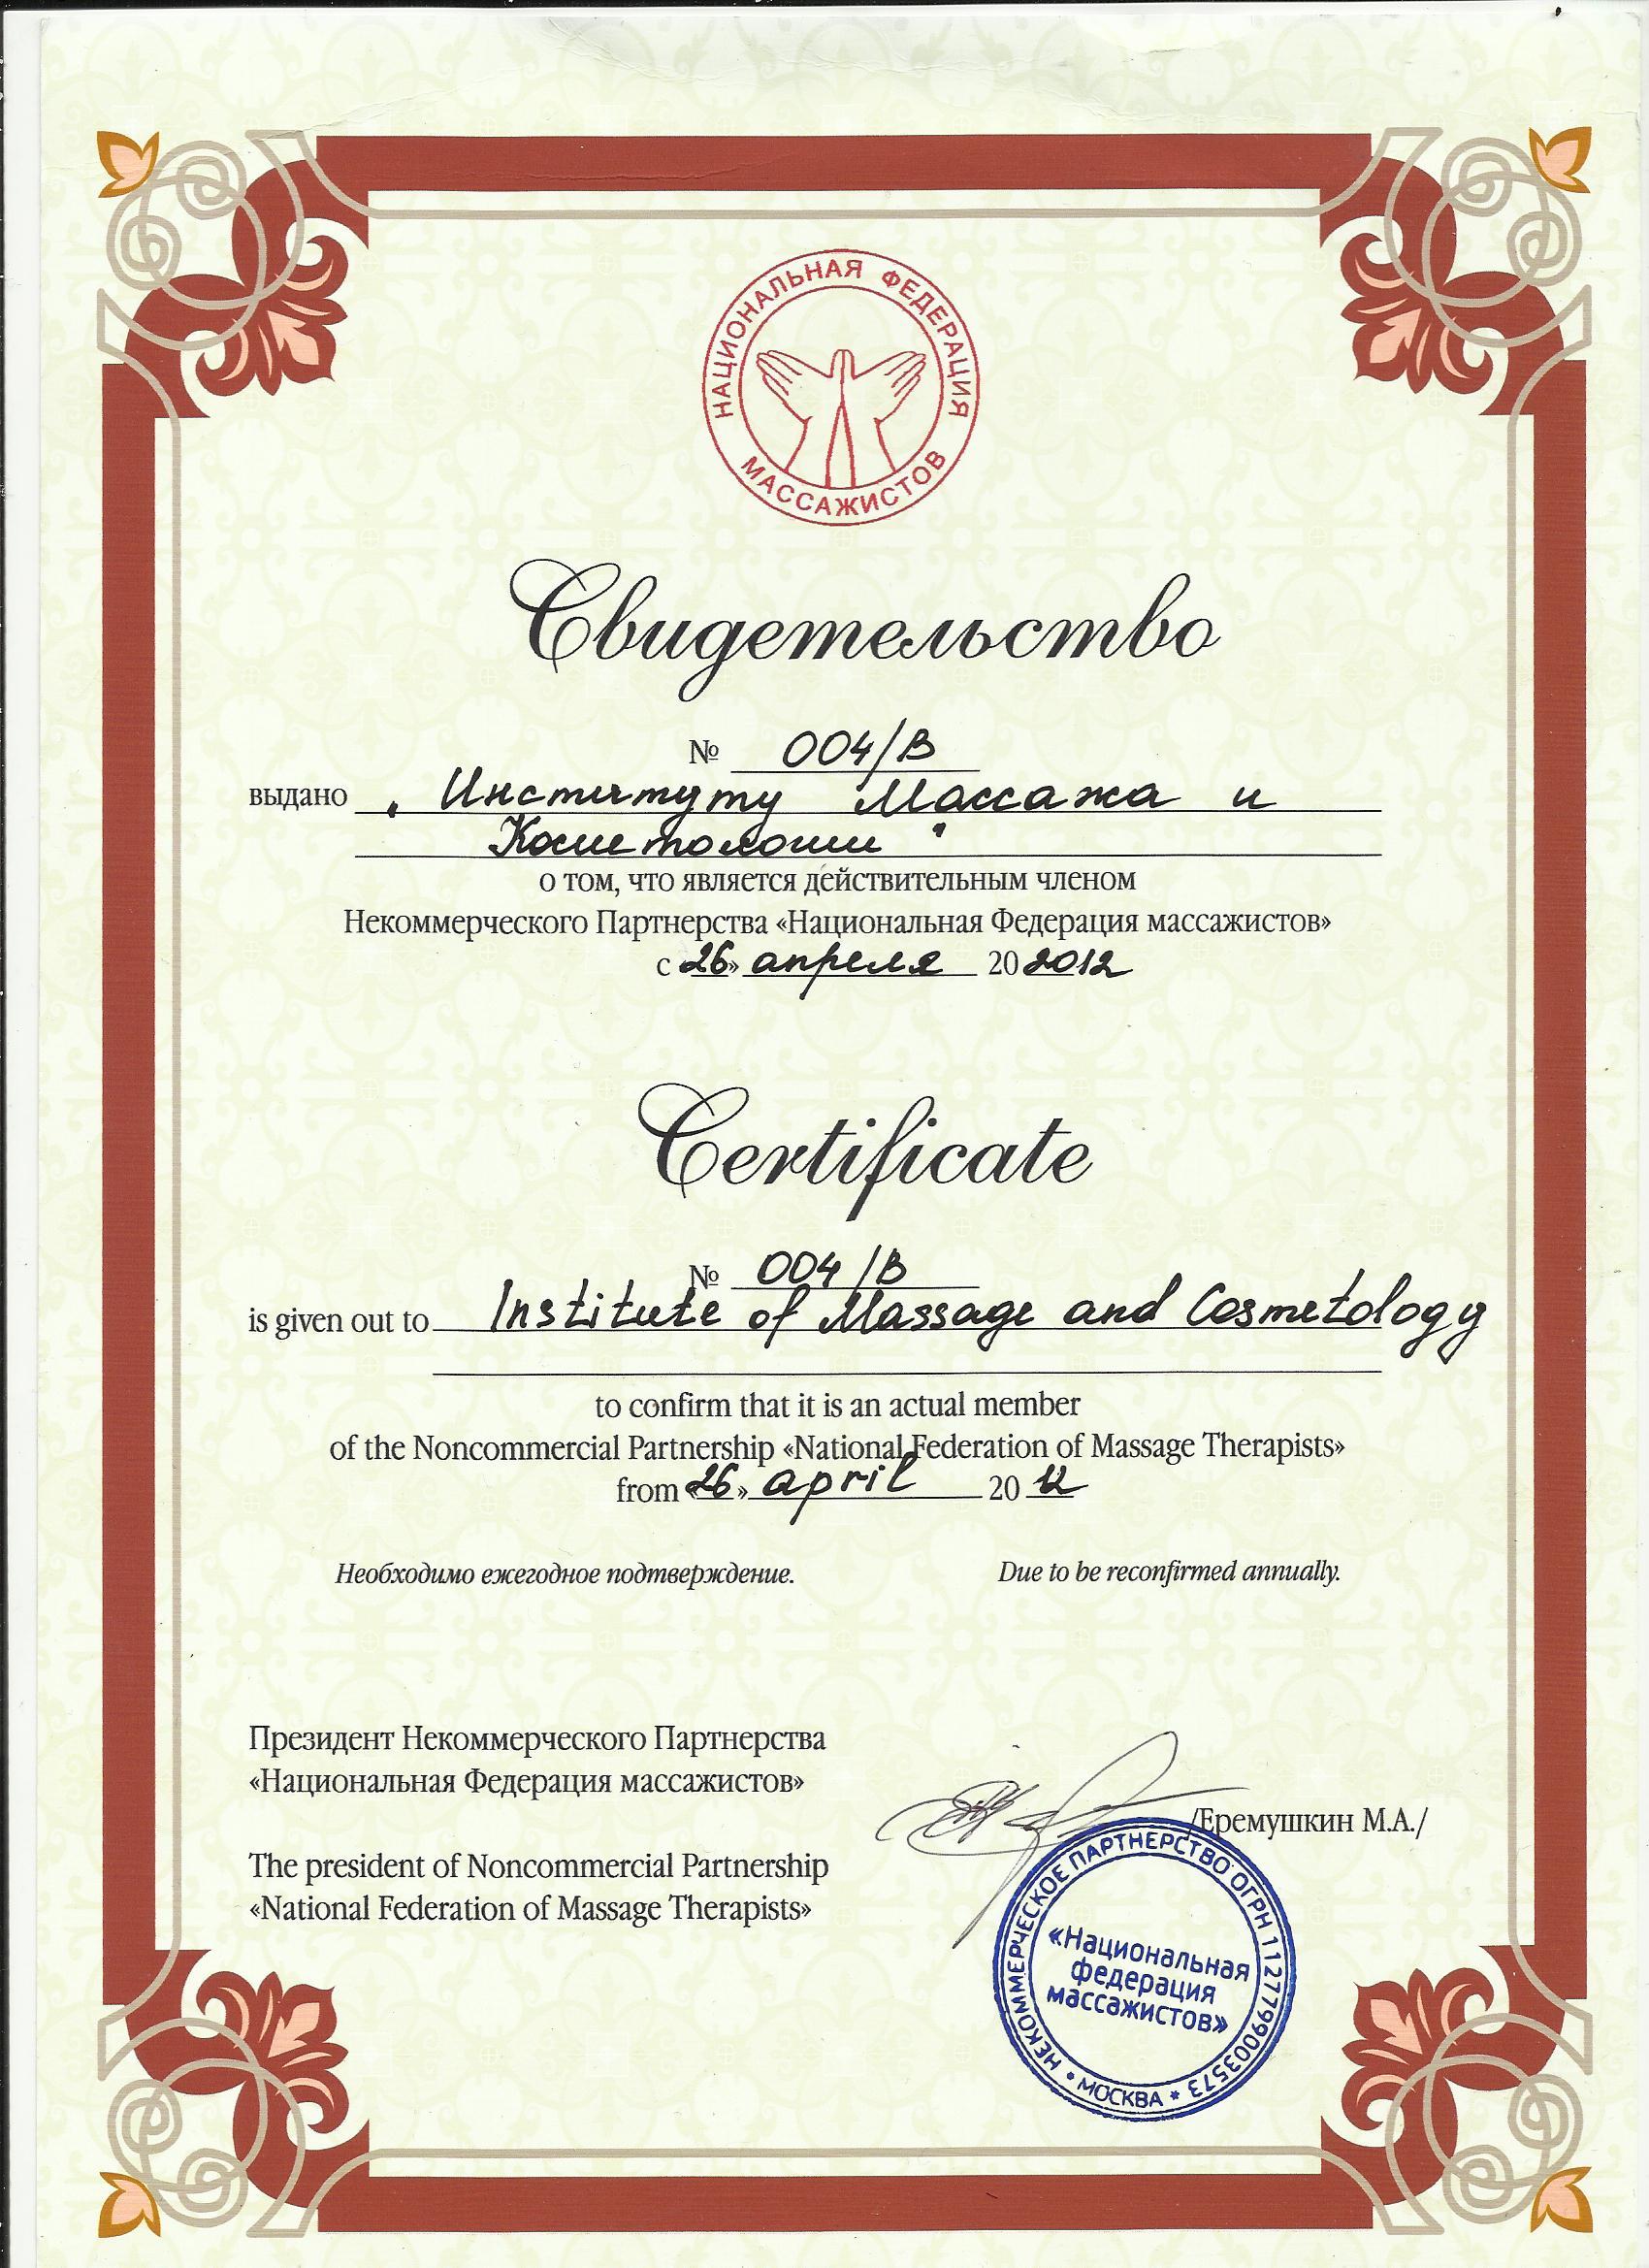 Бланк-Сертификат О Прохождении Курсов Повышения Квалификации